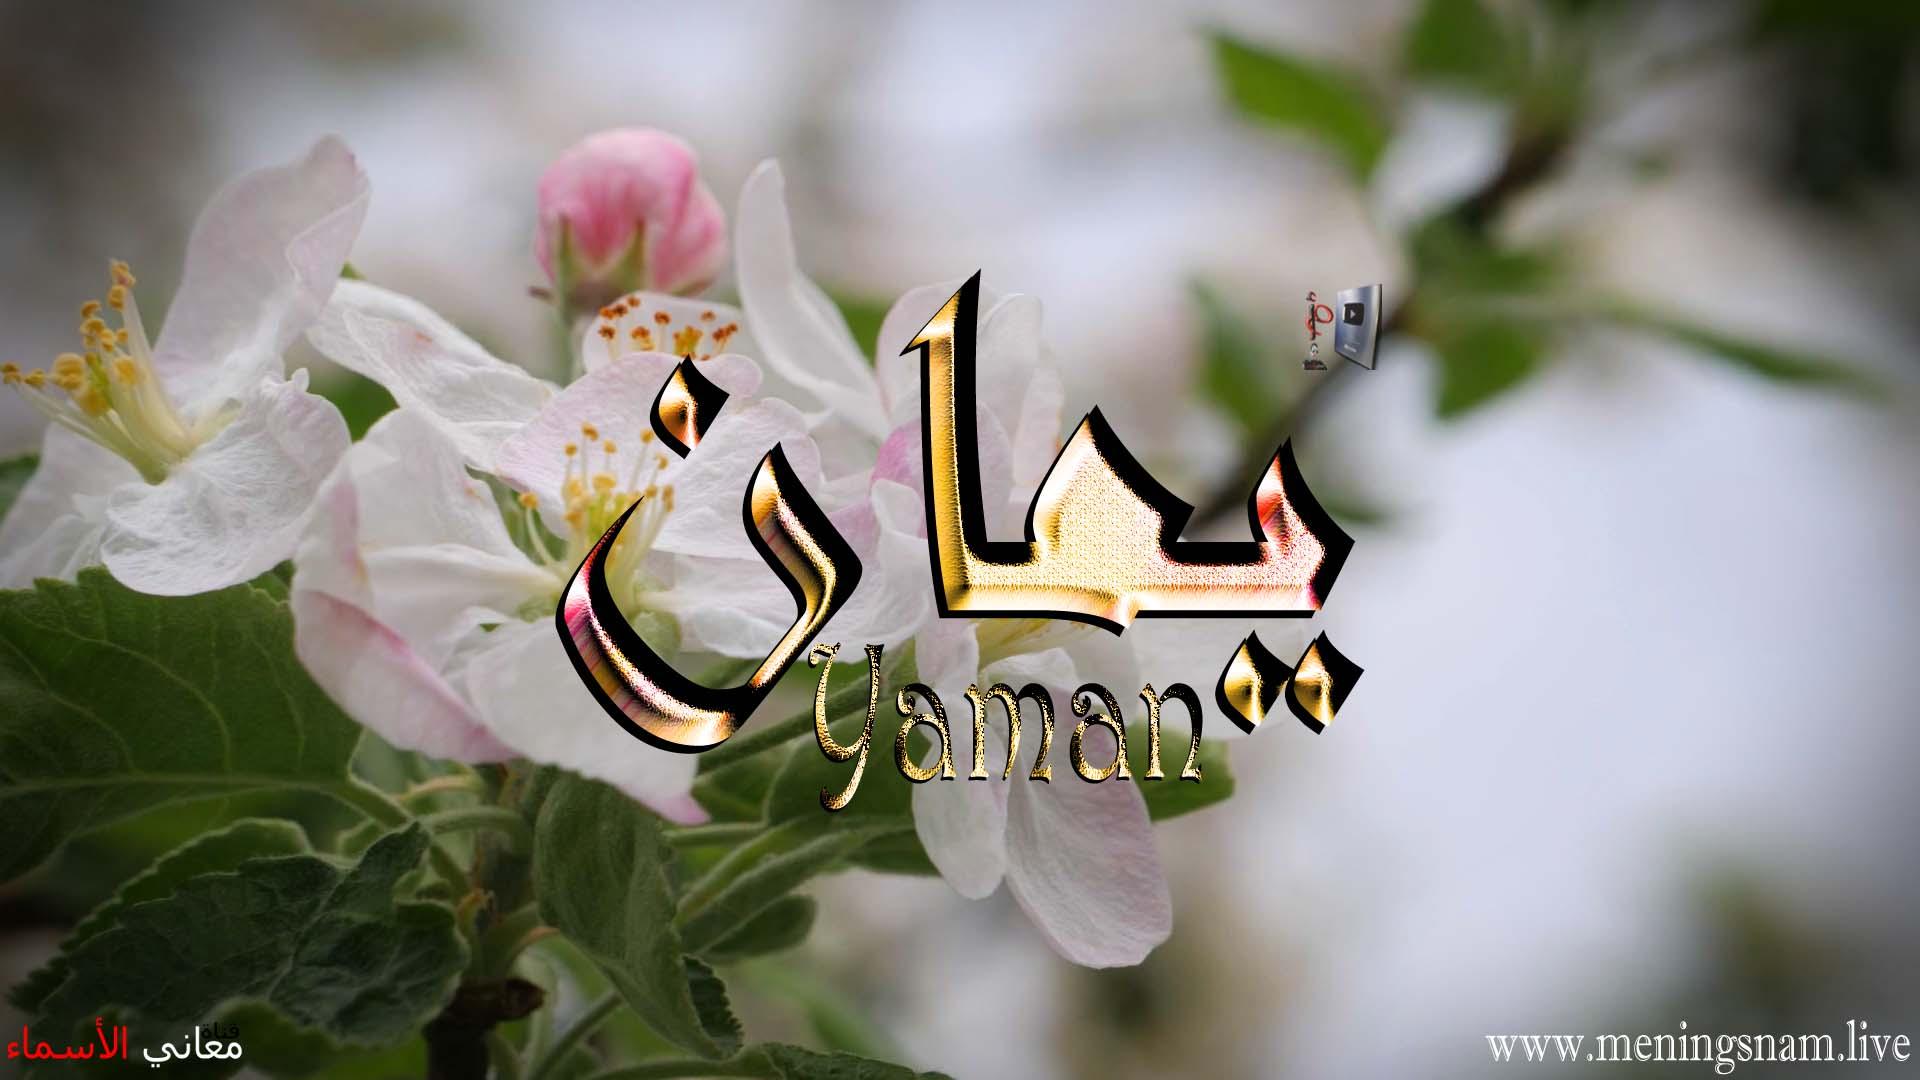 معنى اسم يمان وصفات حاملة هذا الاسم Yaman